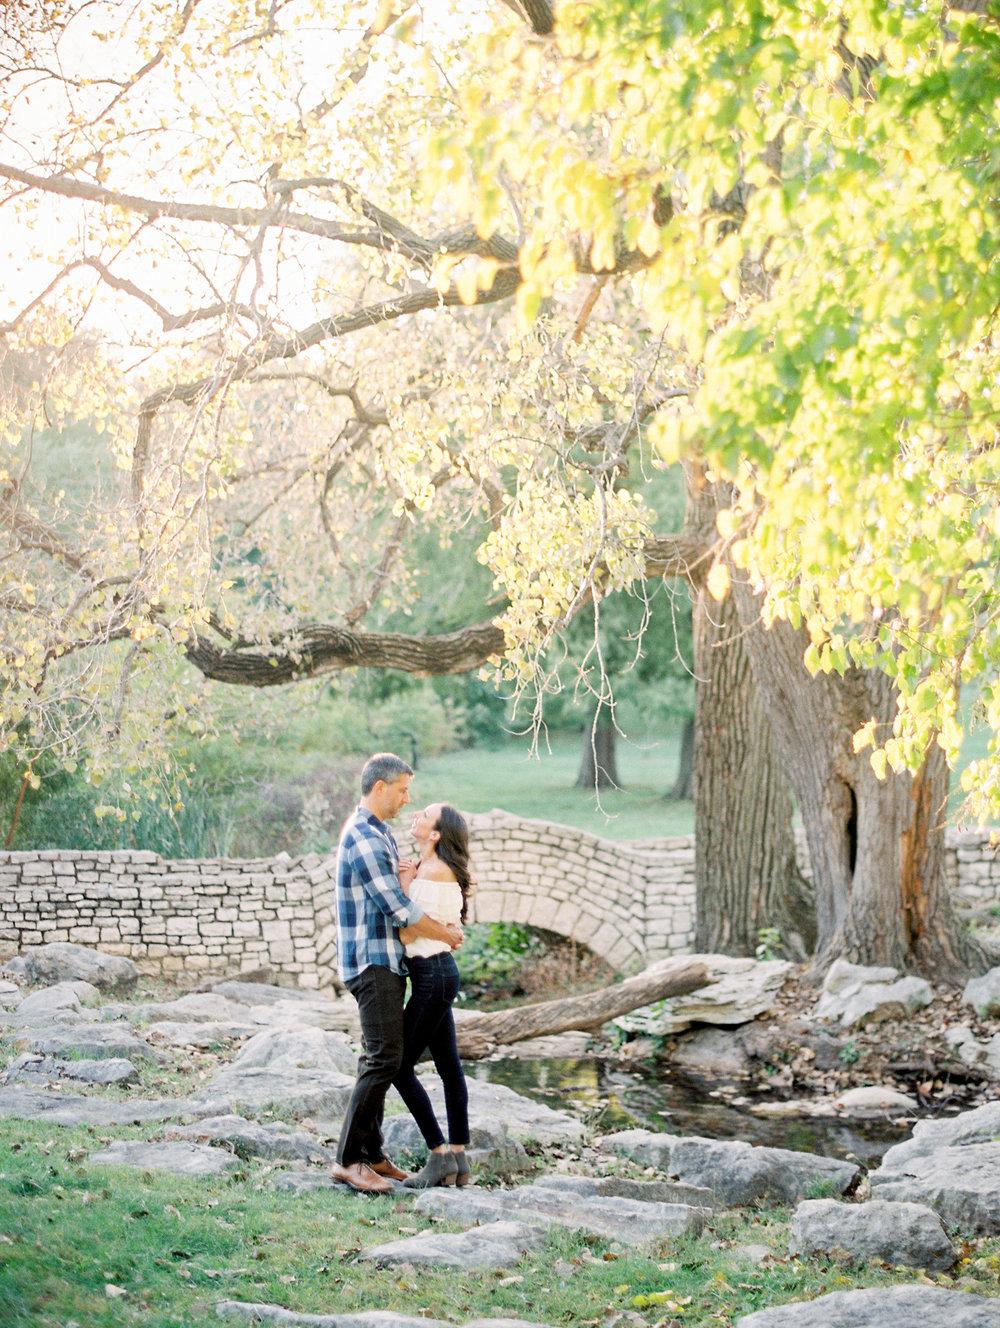 Bryan & Vanessa | St. Louis